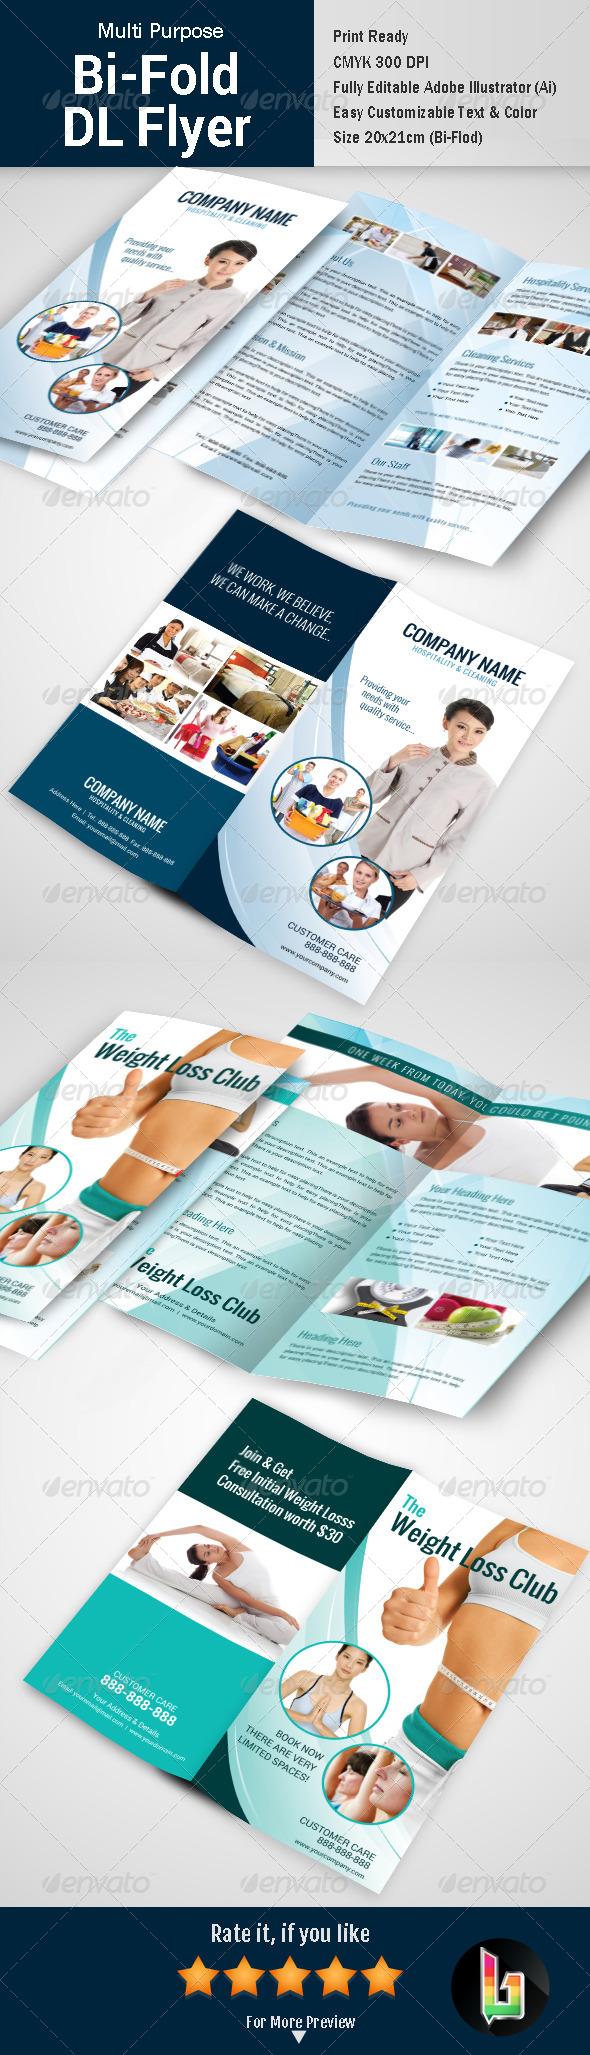 GraphicRiver Multipurpose Bi-fold DL Flyer 7469042